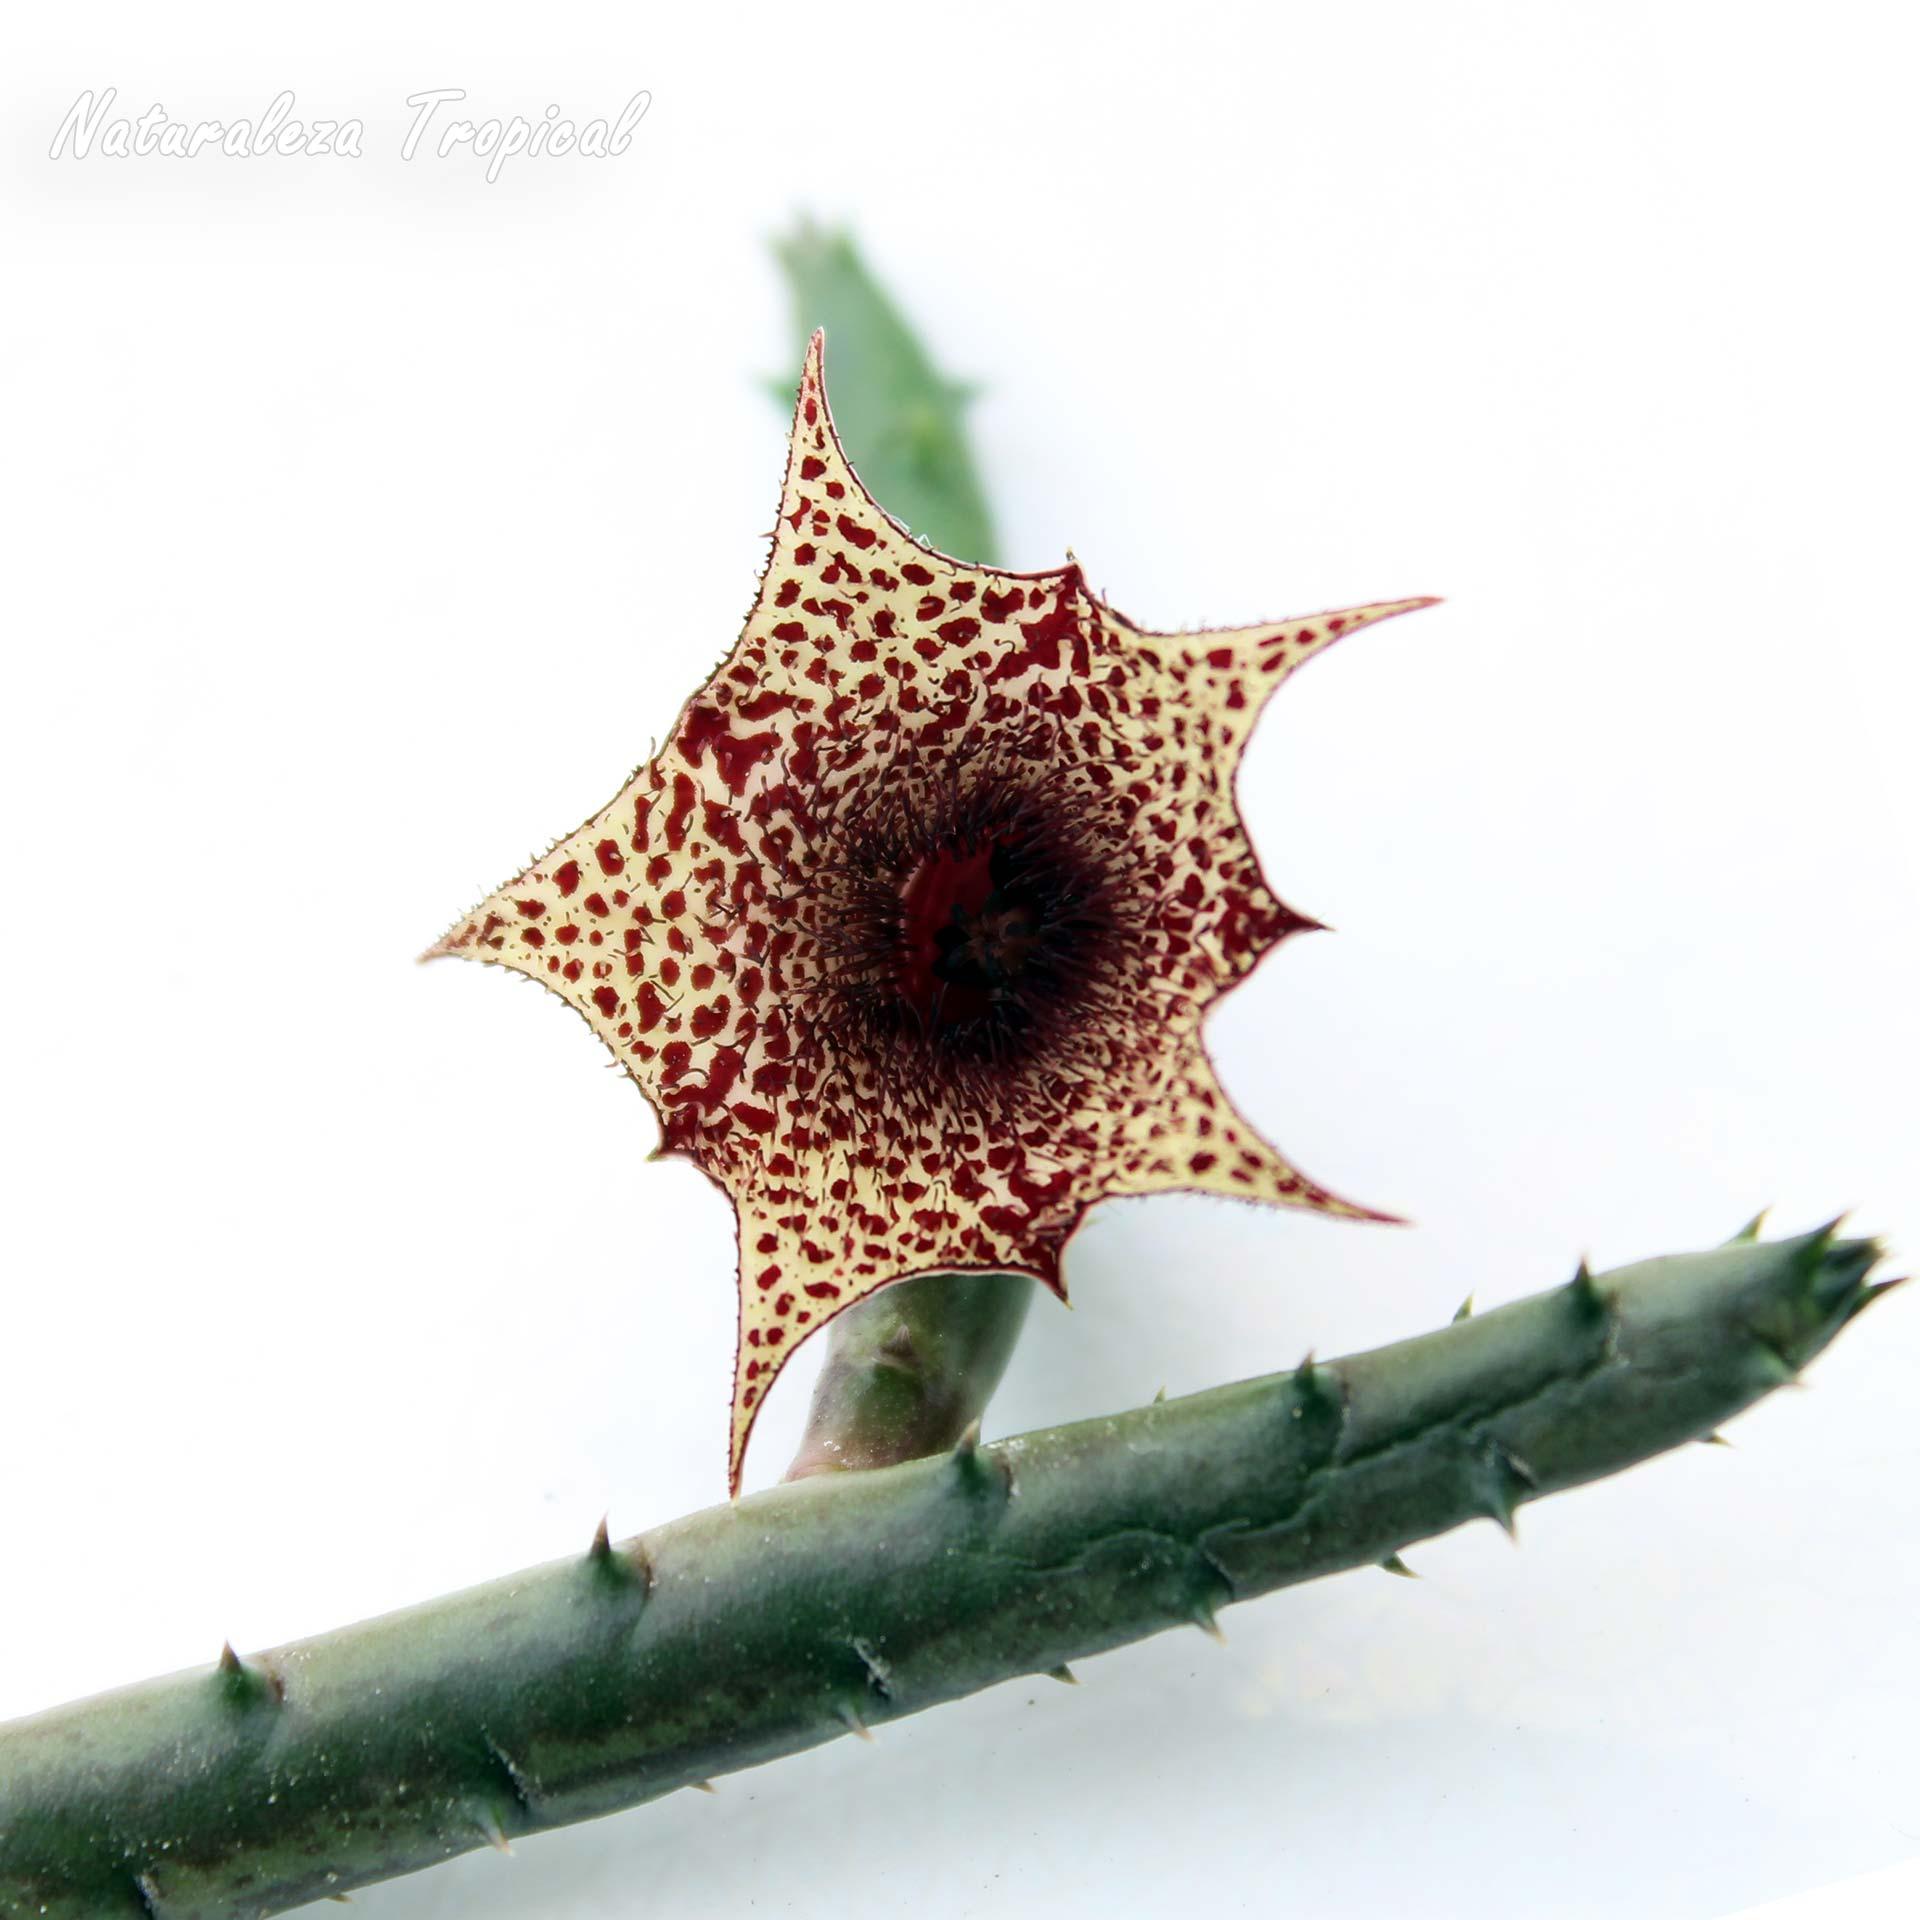 Vista de la flor y tallo de la planta suculenta Huernia recondita